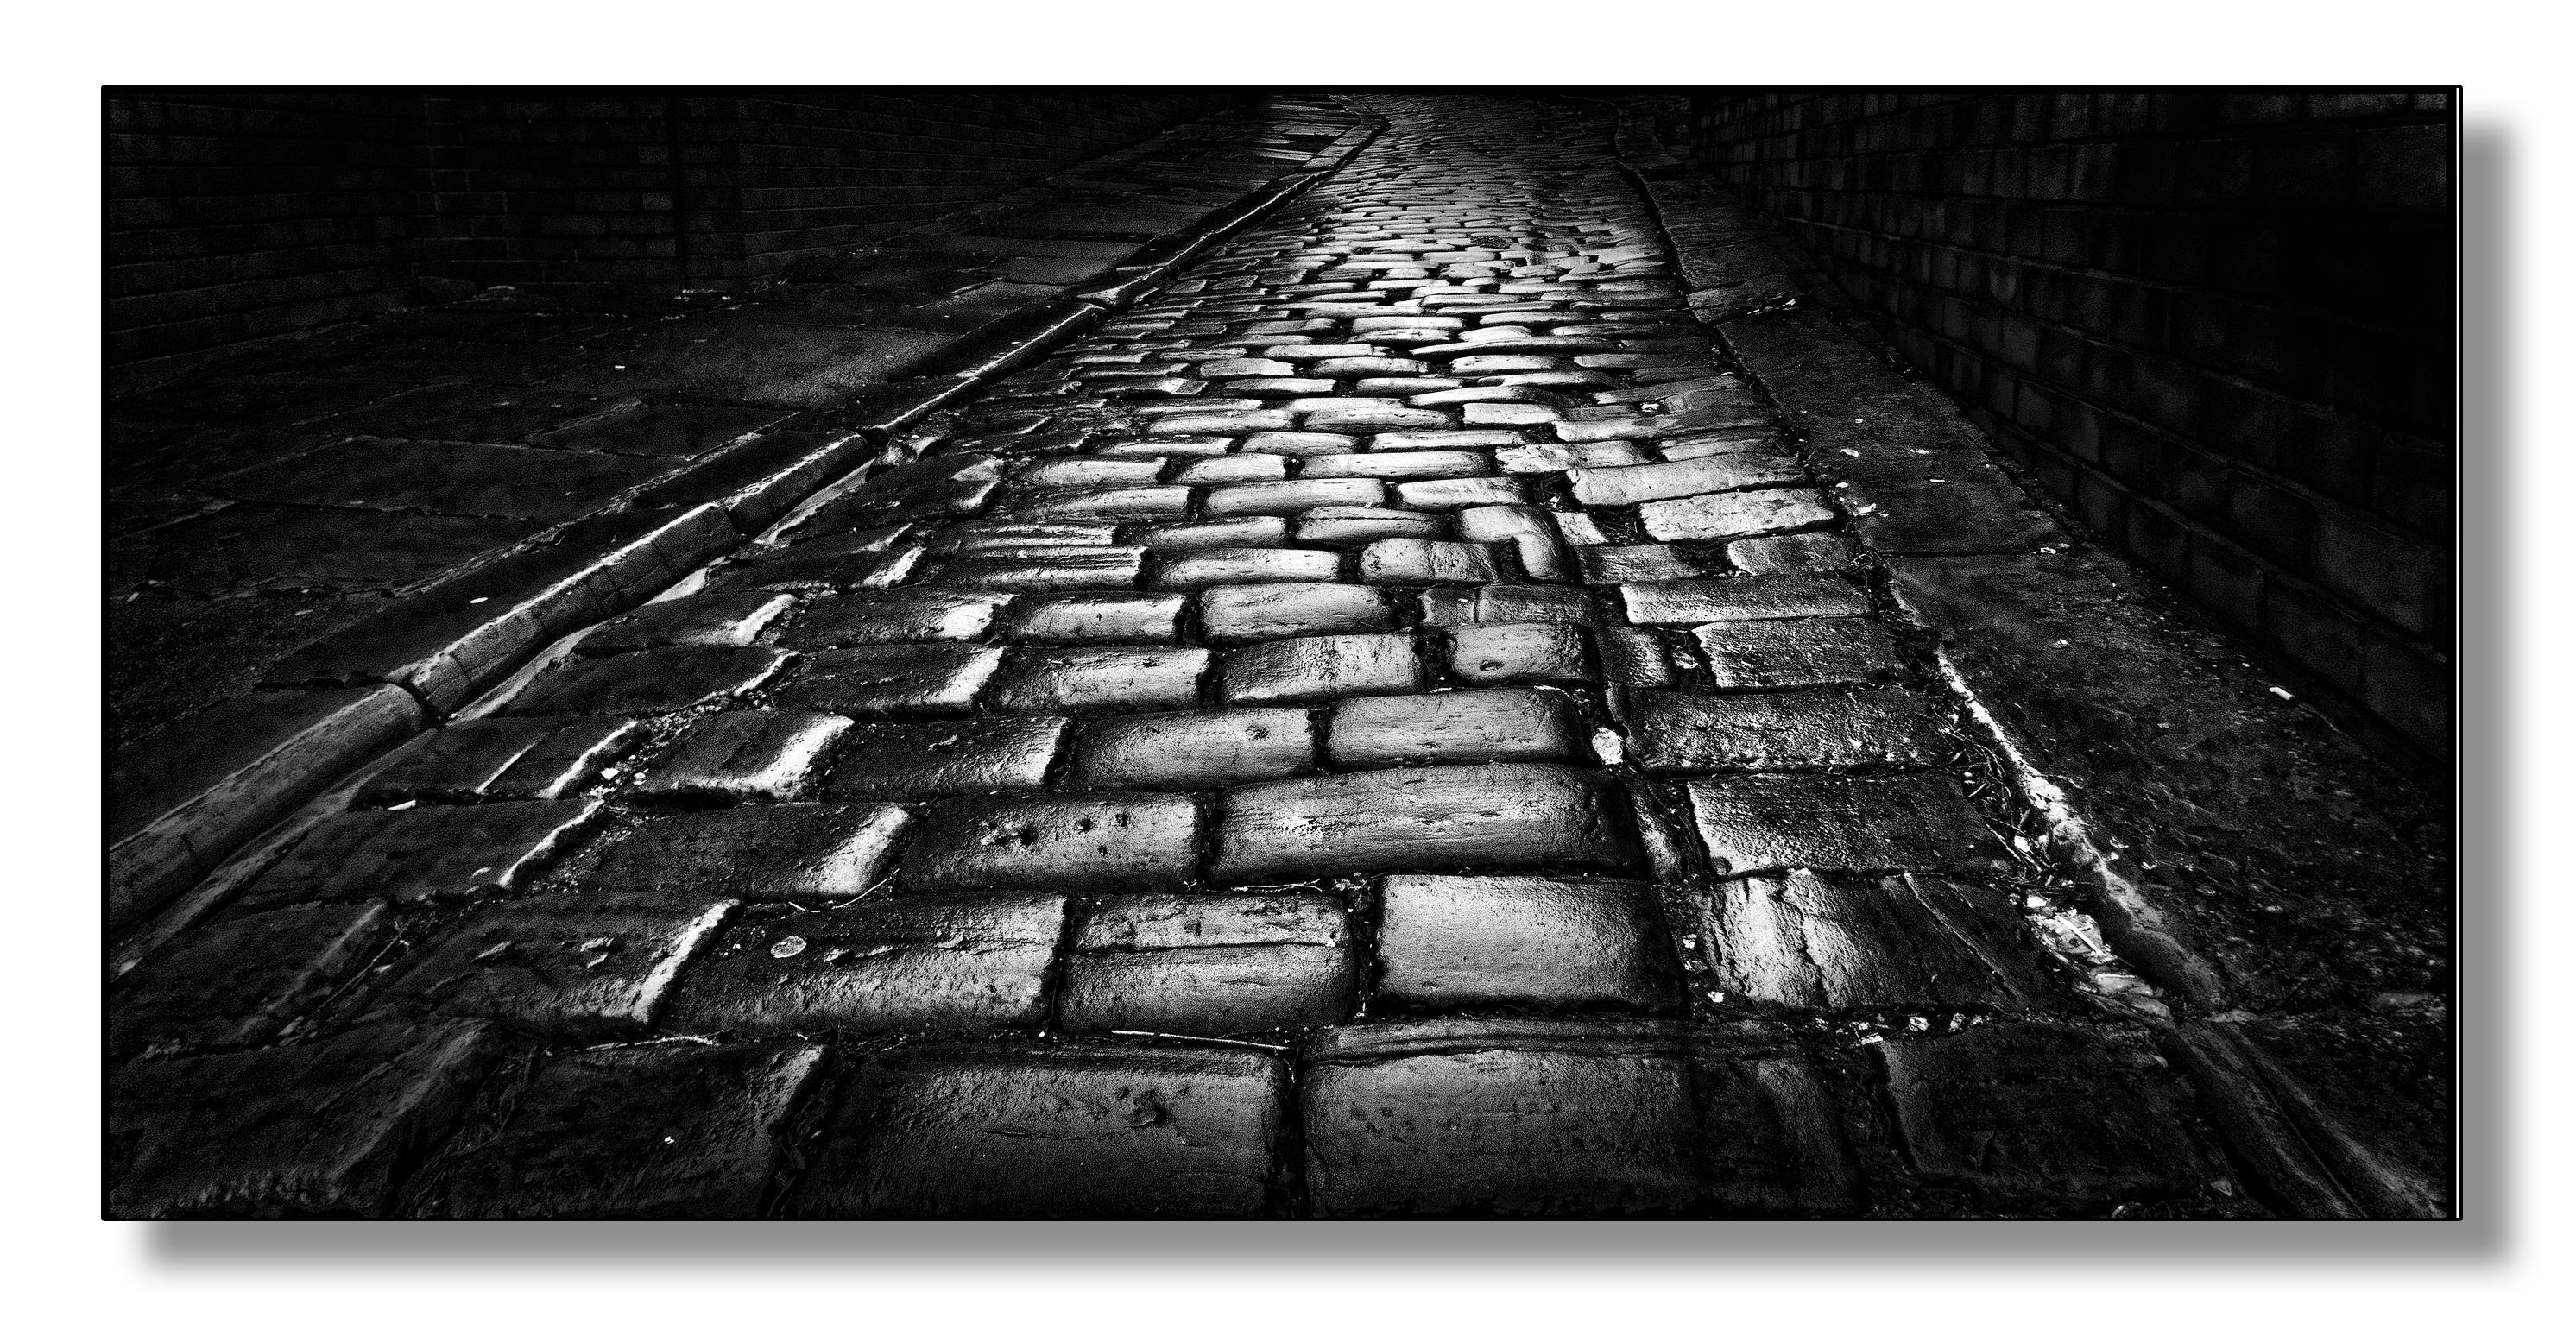 Kostenlose foto : Pfad, Gehen, Licht, Schwarz und weiß, Straße, Weiß ...